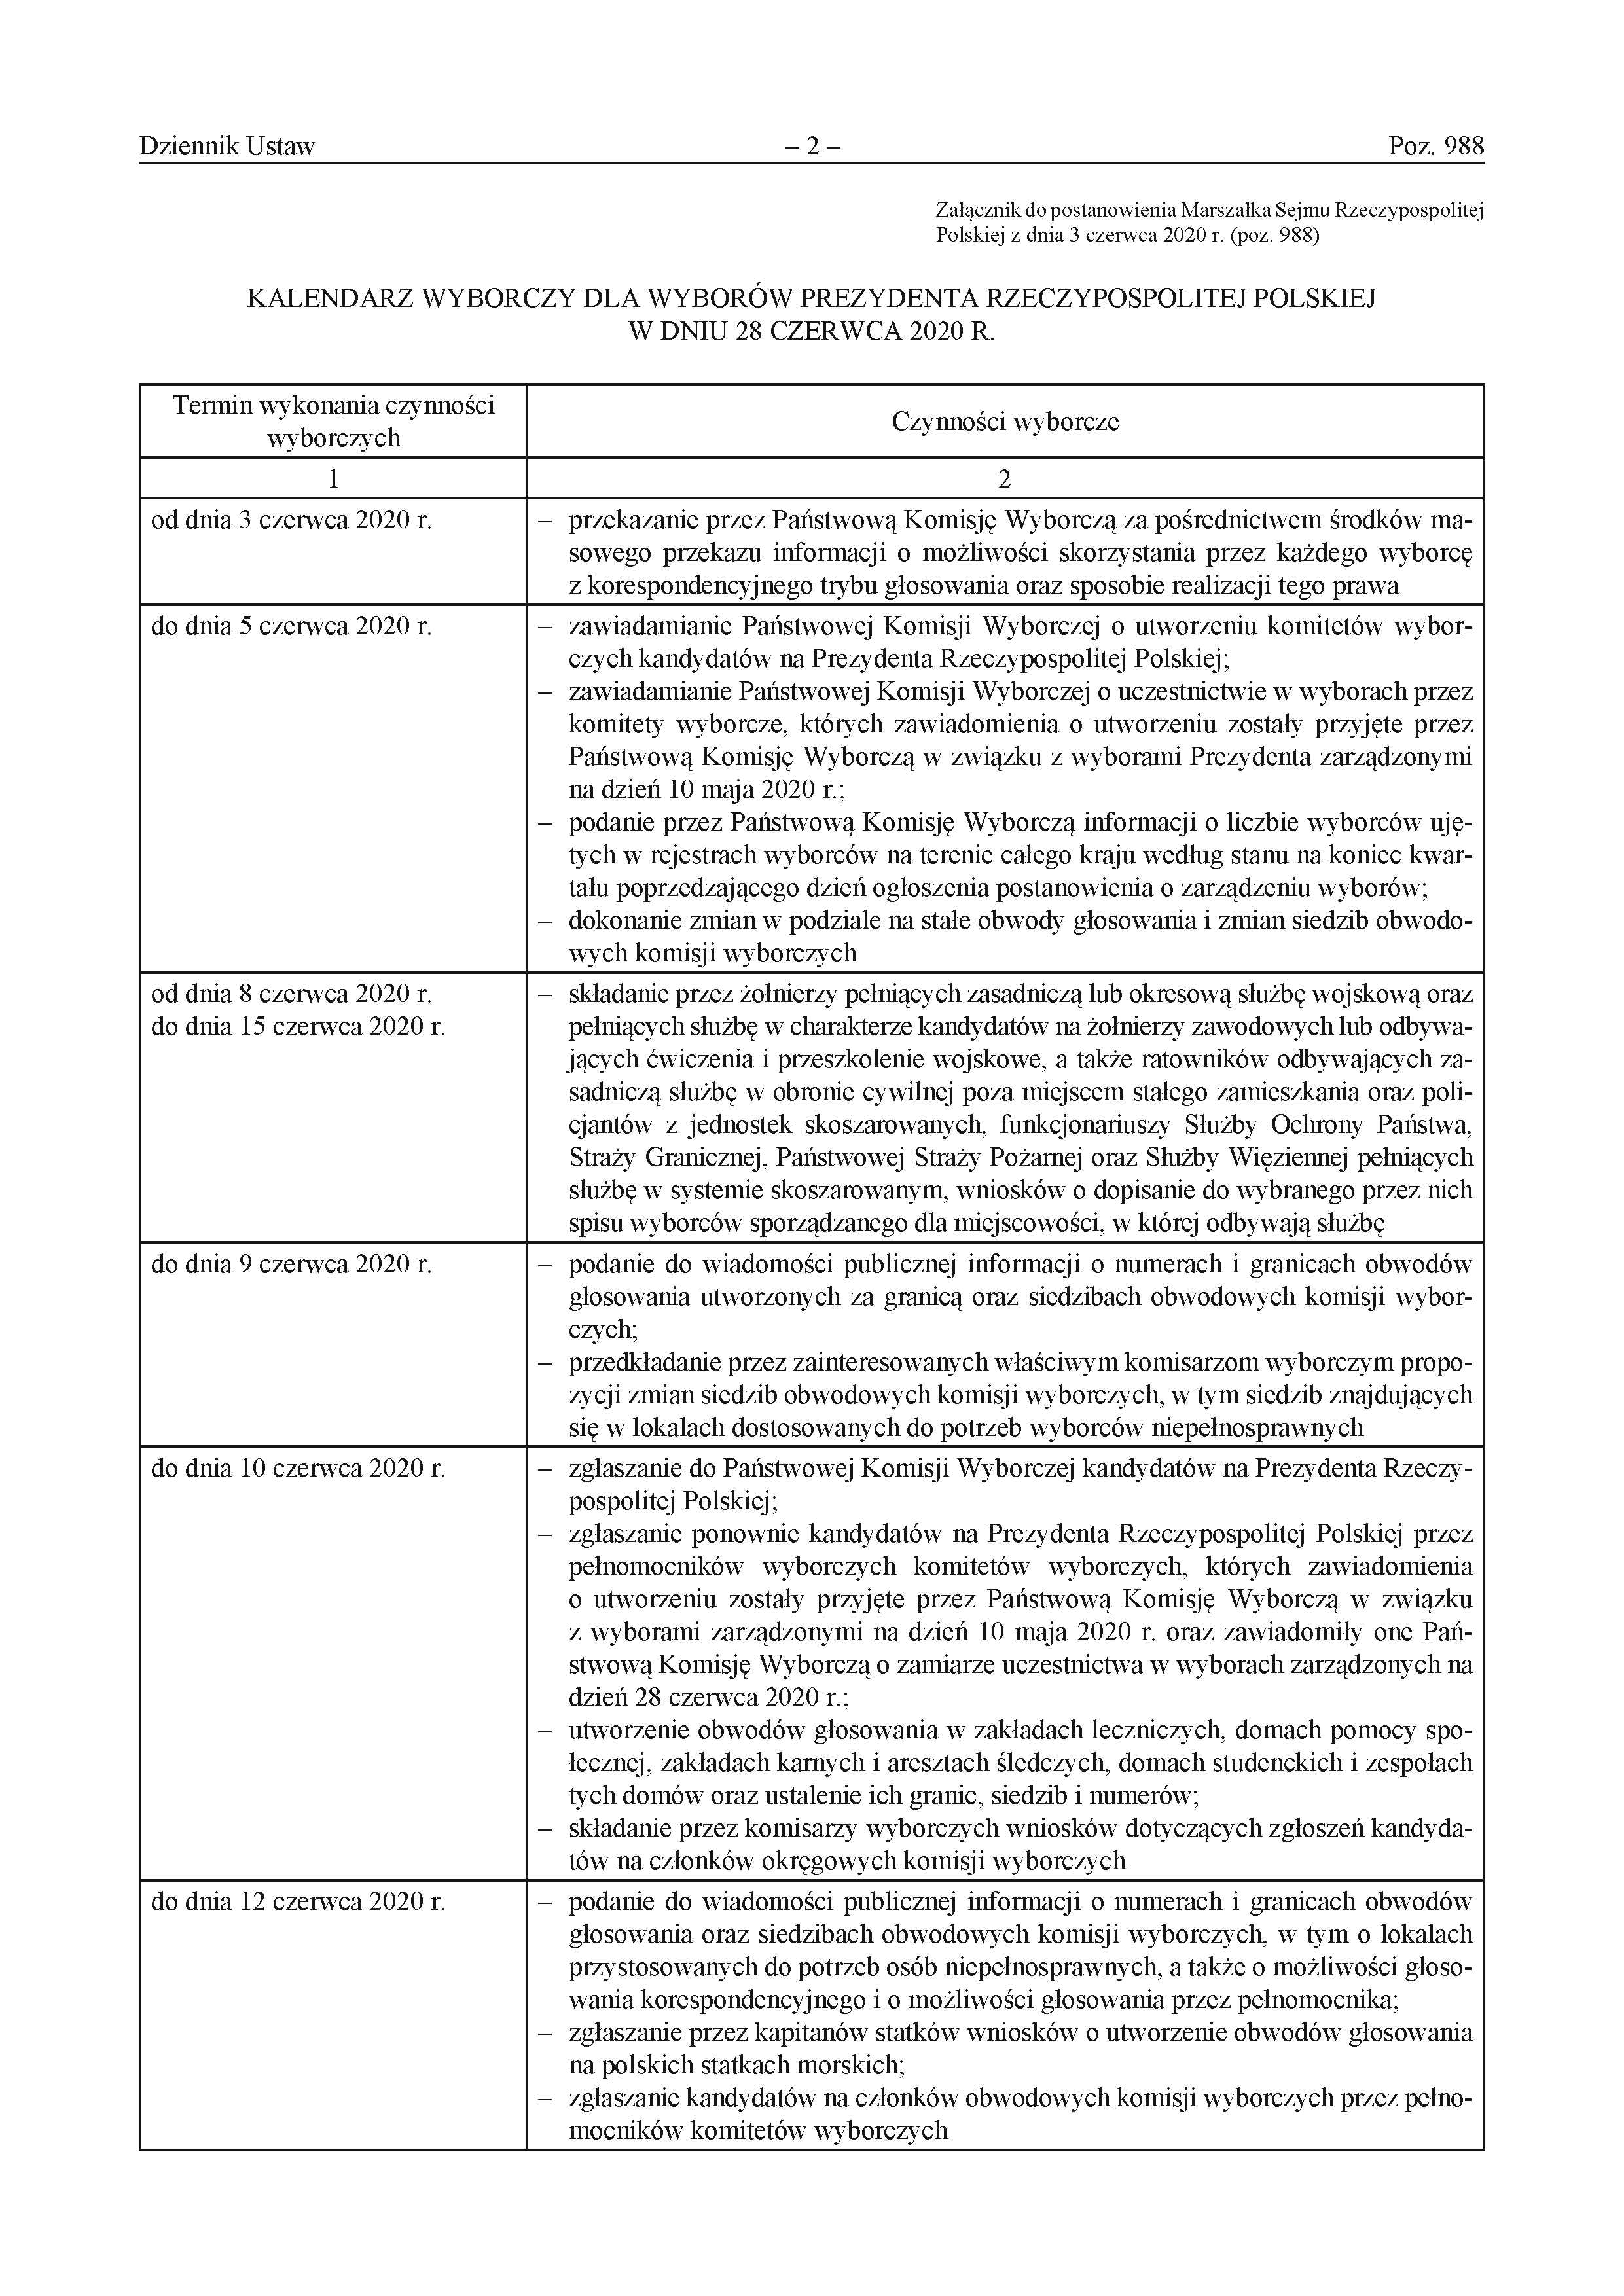 Postanowienie Marszałka Sejmu RP w sprawie zarządzenia wyborów Prezydenta Rzeczypospolitej Polskiej strona 2